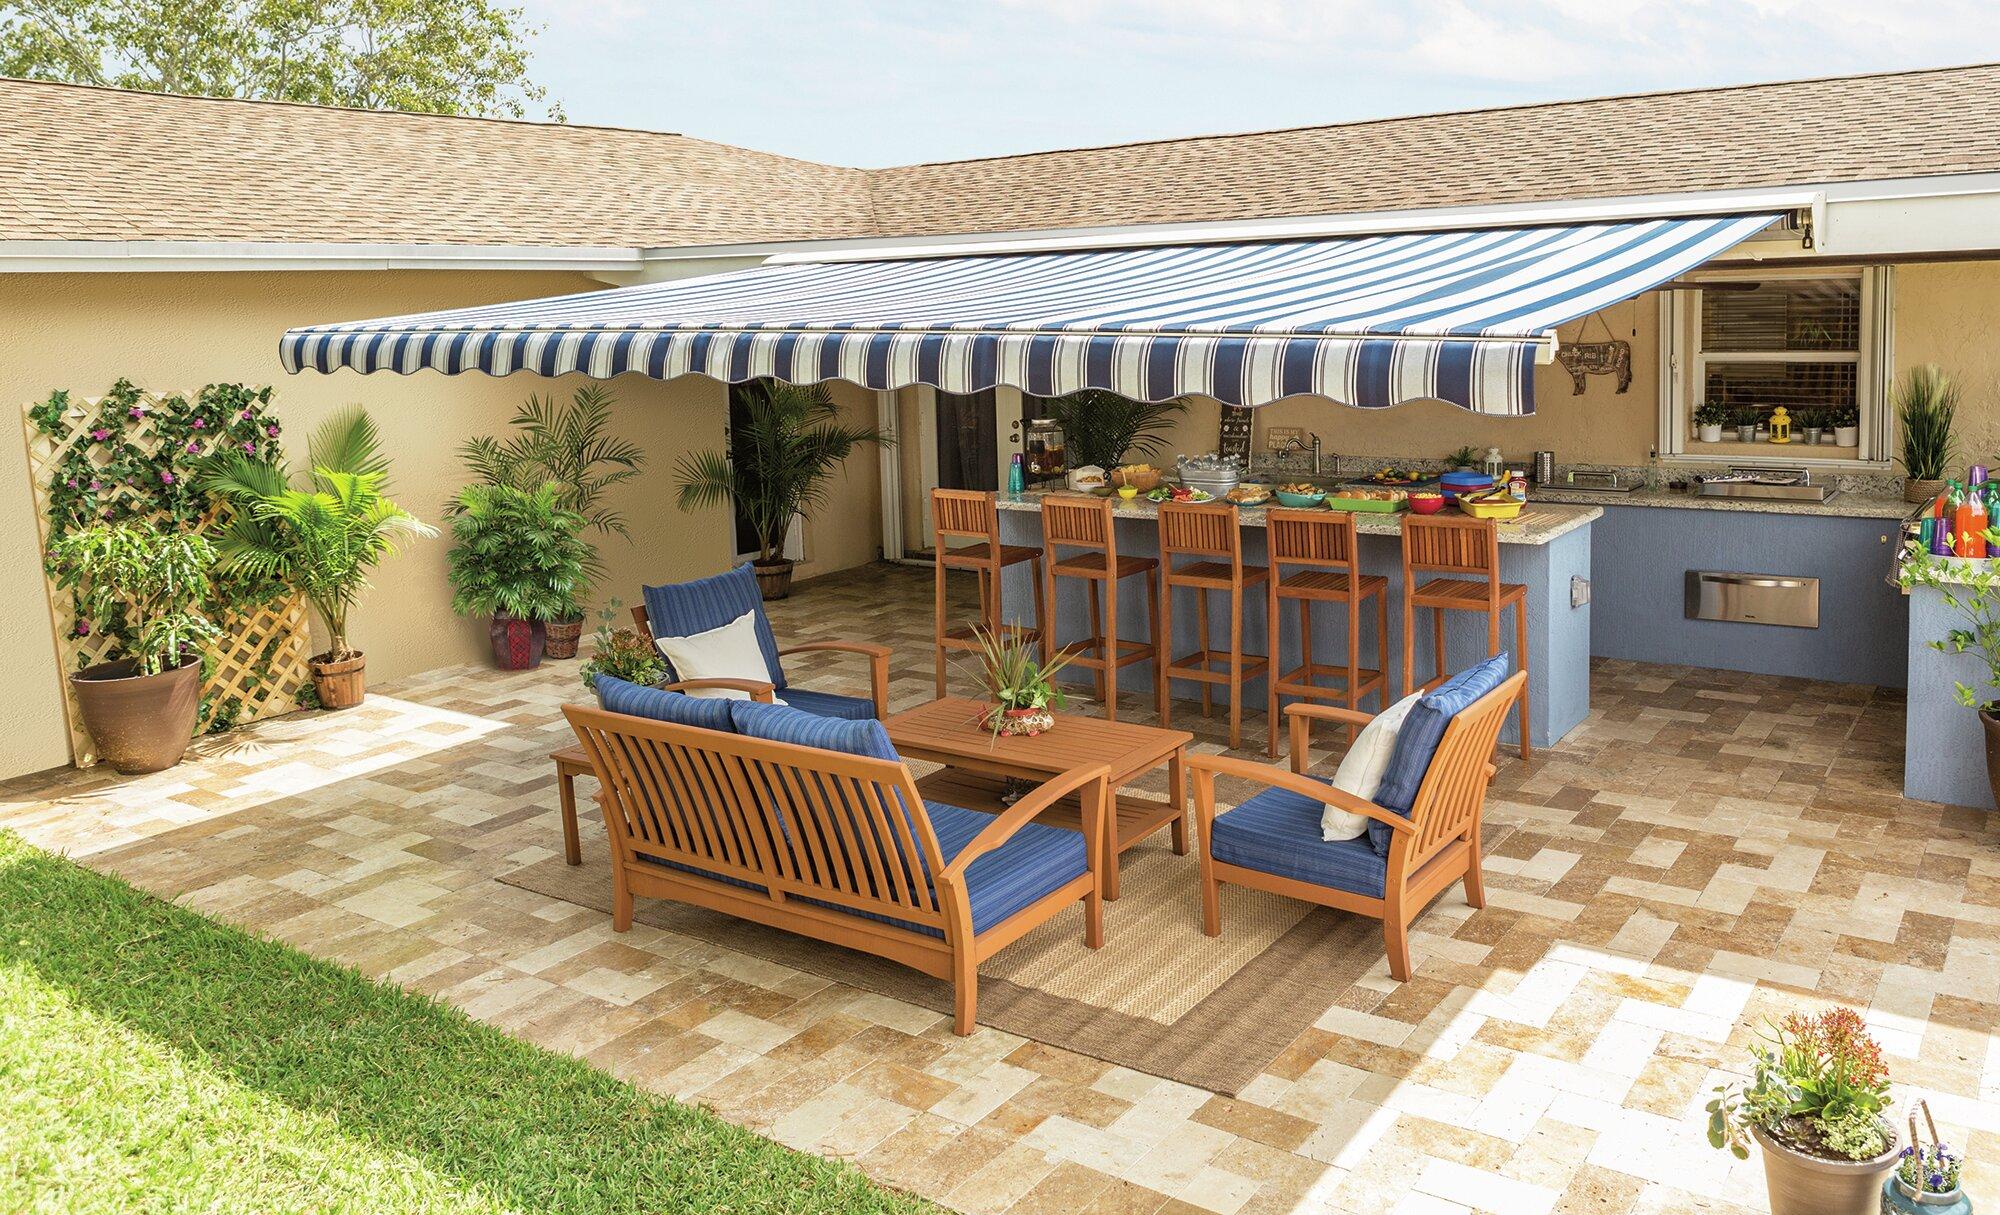 SunSetter Motorized XL Sunbrella Retractable Standard Patio Awning   Wayfair